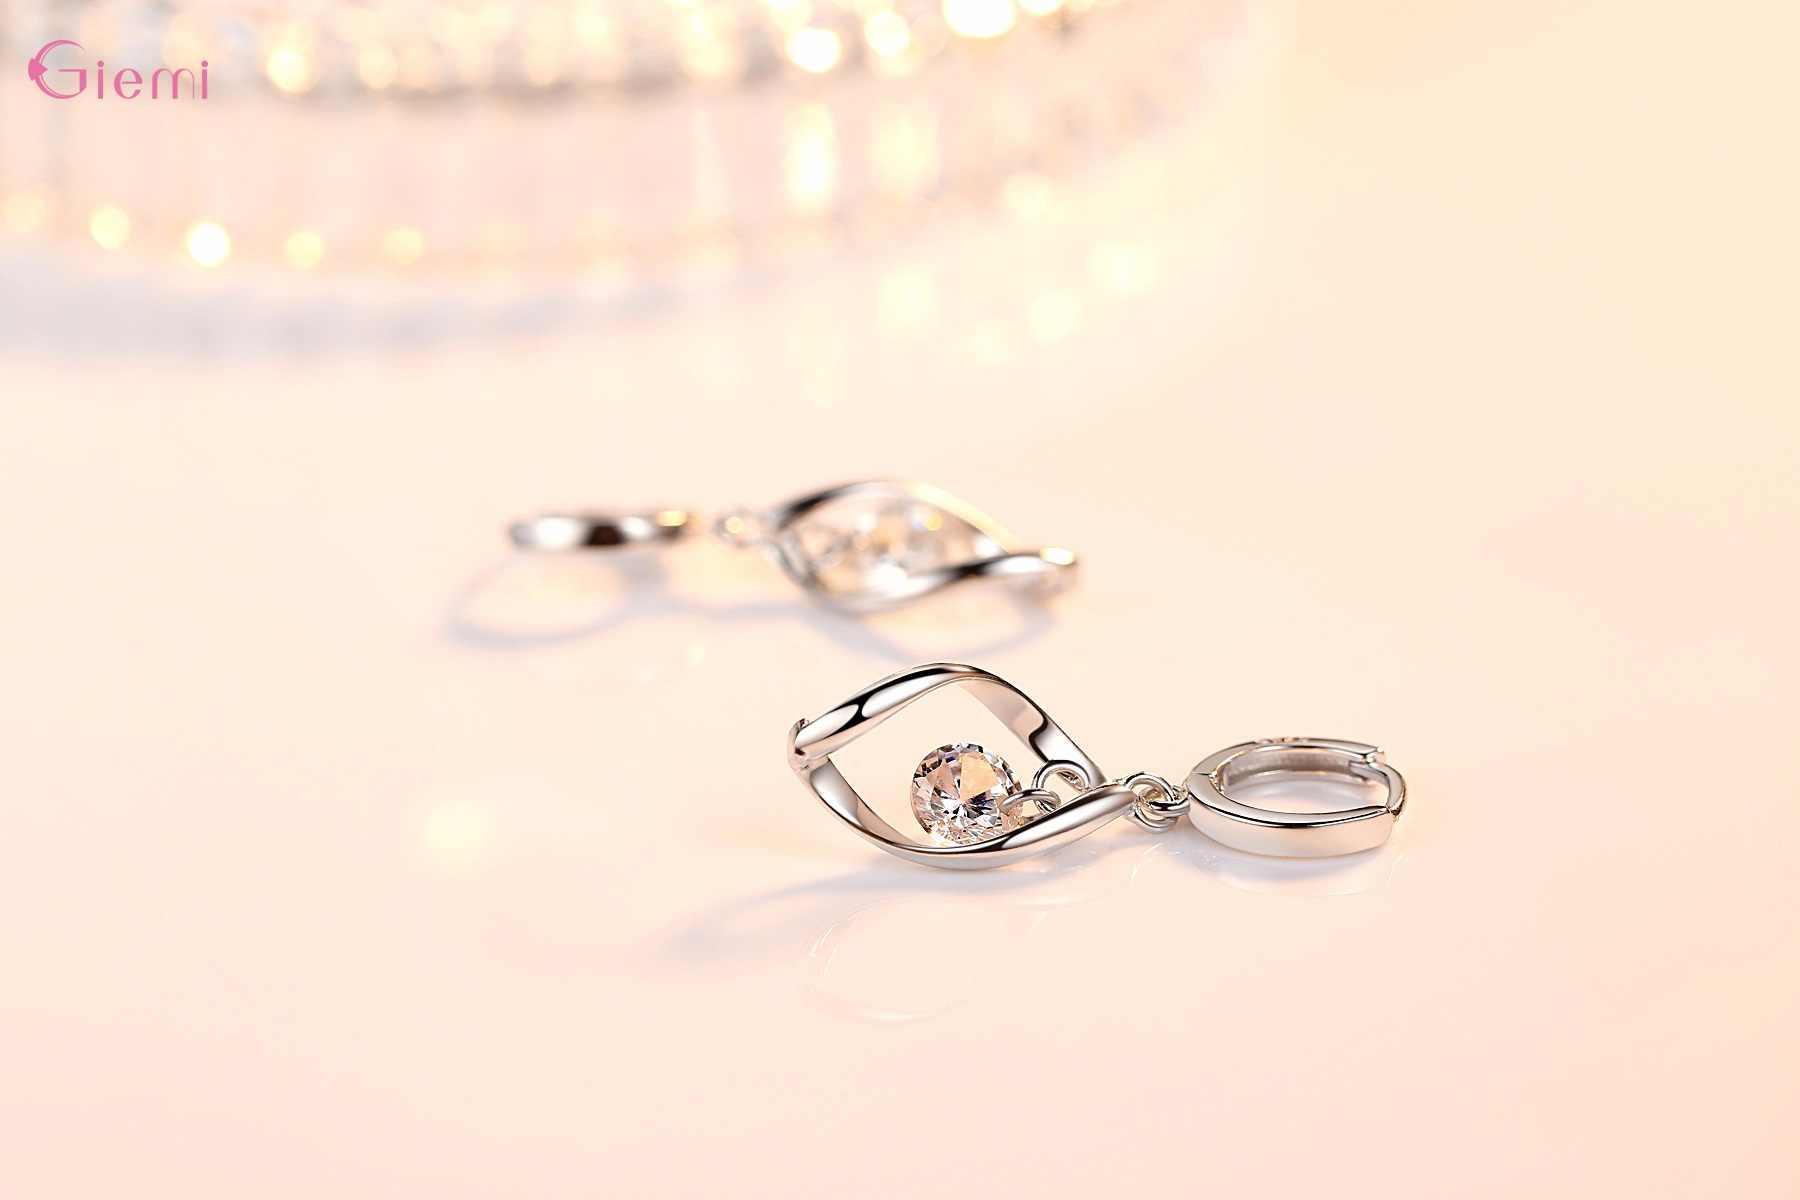 ใหม่ชุดเครื่องประดับอินเทรนด์ 925 เงินสเตอร์ลิง Cubic Zirconia Pearl Handmade หมุนรักผู้หญิง Drop ต่างหูจี้สร้อยคอ